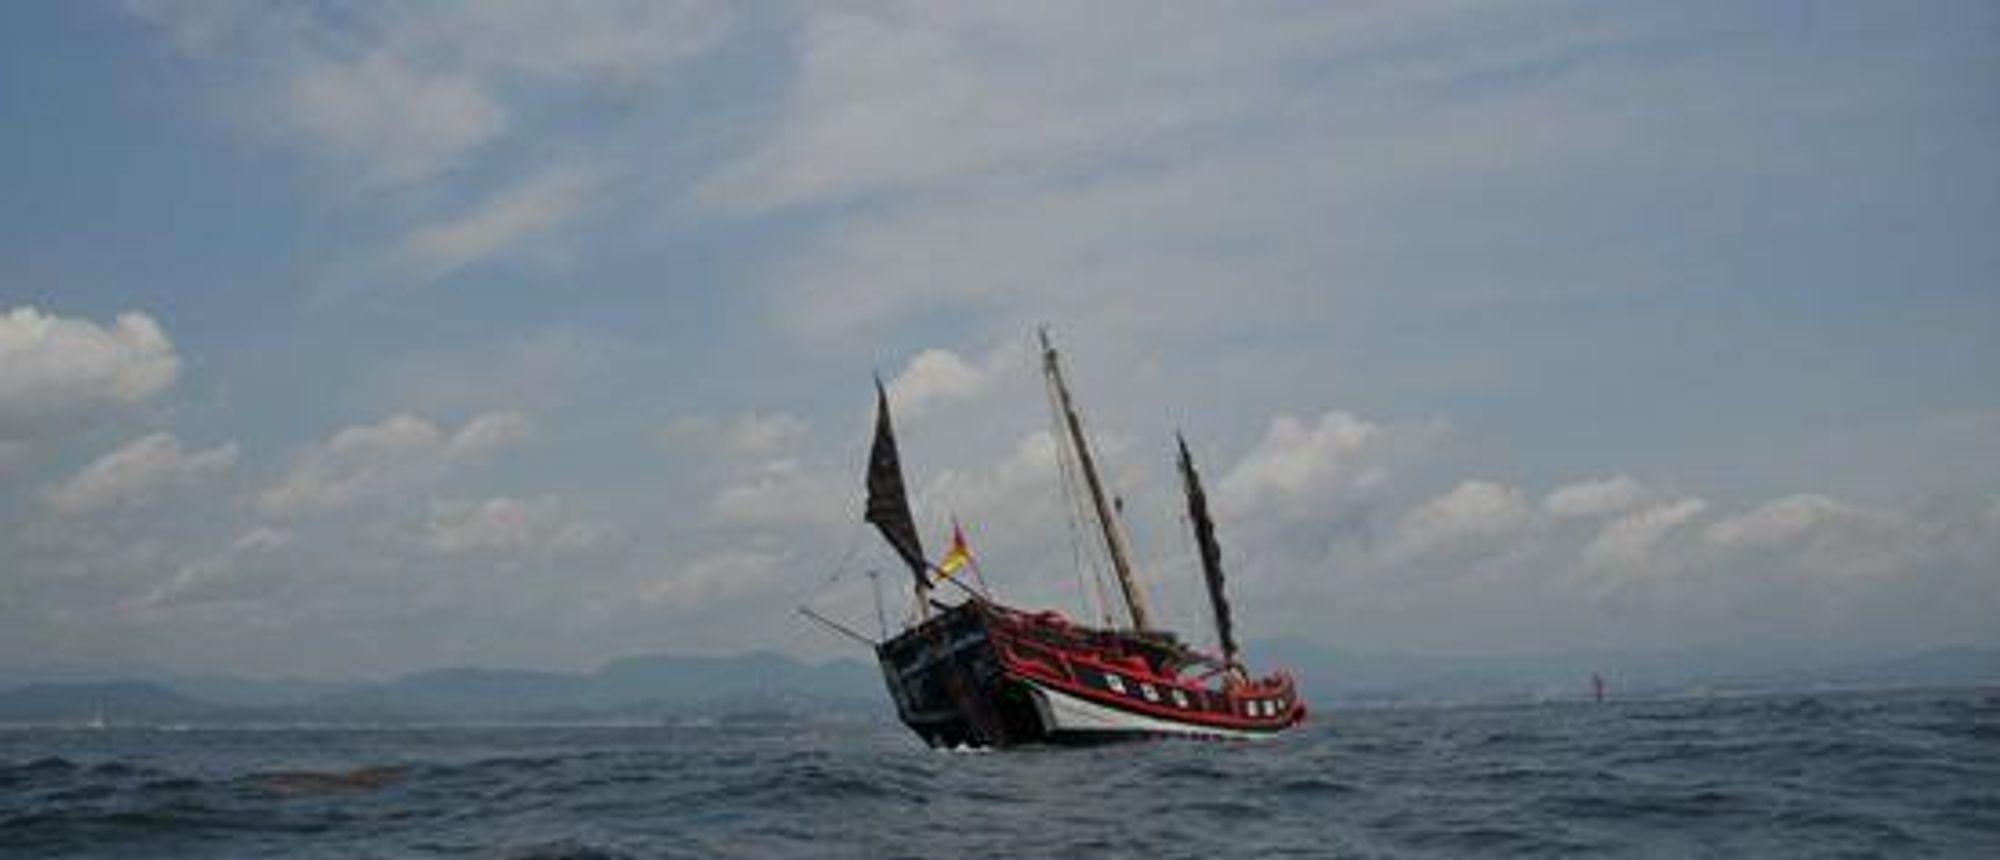 SANK: Djunken Princess Taiping ble senket av en ukjent tanker utenfor Taiwan. Den norske tankeren Champion Express blir beskyldt for å ha stukket av etter kollisjonen, men eierne avviser det.